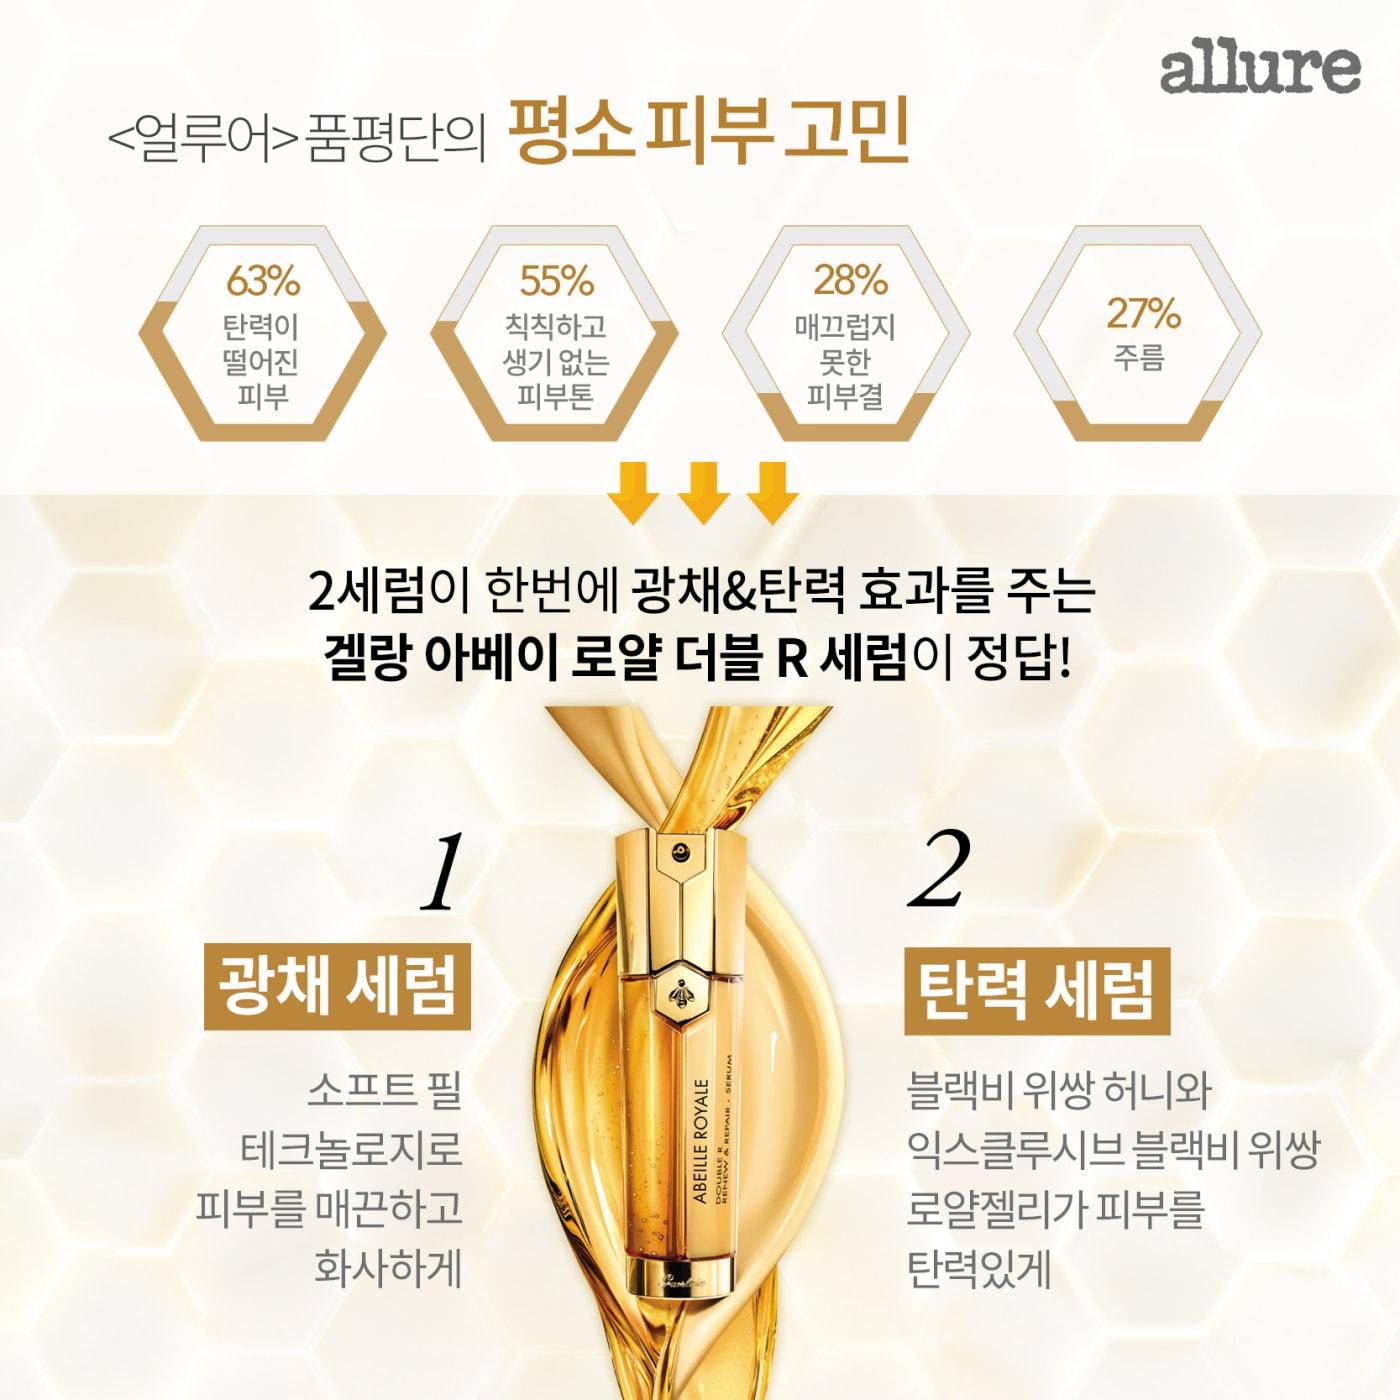 겔랑_카드뉴스_2(수정)